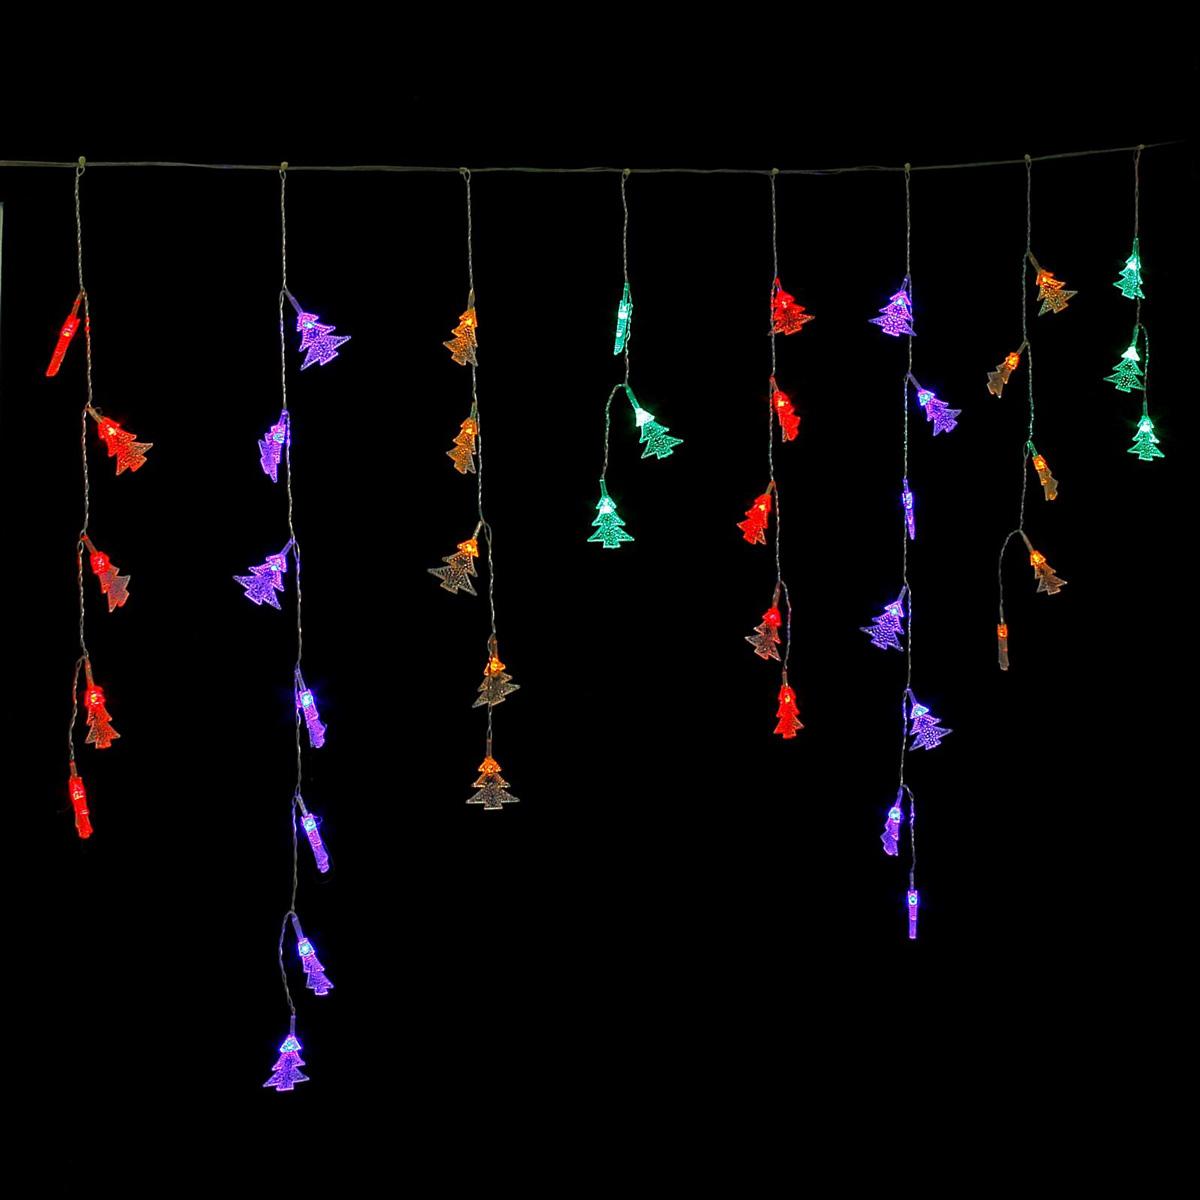 Гирлянда светодиодная Luazon Бахрома. Елки, 48 ламп, 220 V, цвет: мультиколор, 1,4 х 0,3 м. 671650671650Светодиодные гирлянды, ленты и т.д — это отличный вариант для новогоднего оформления интерьера или фасада. С их помощью помещение любого размера можно превратить в праздничный зал, а внешние элементы зданий, украшенные ими, мгновенно станут напоминать очертания сказочного дворца. Такие украшения создают ауру предвкушения чуда. Деревья, фасады, витрины, окна и арки будто специально созданы, чтобы вы украсили их светящимися нитями.